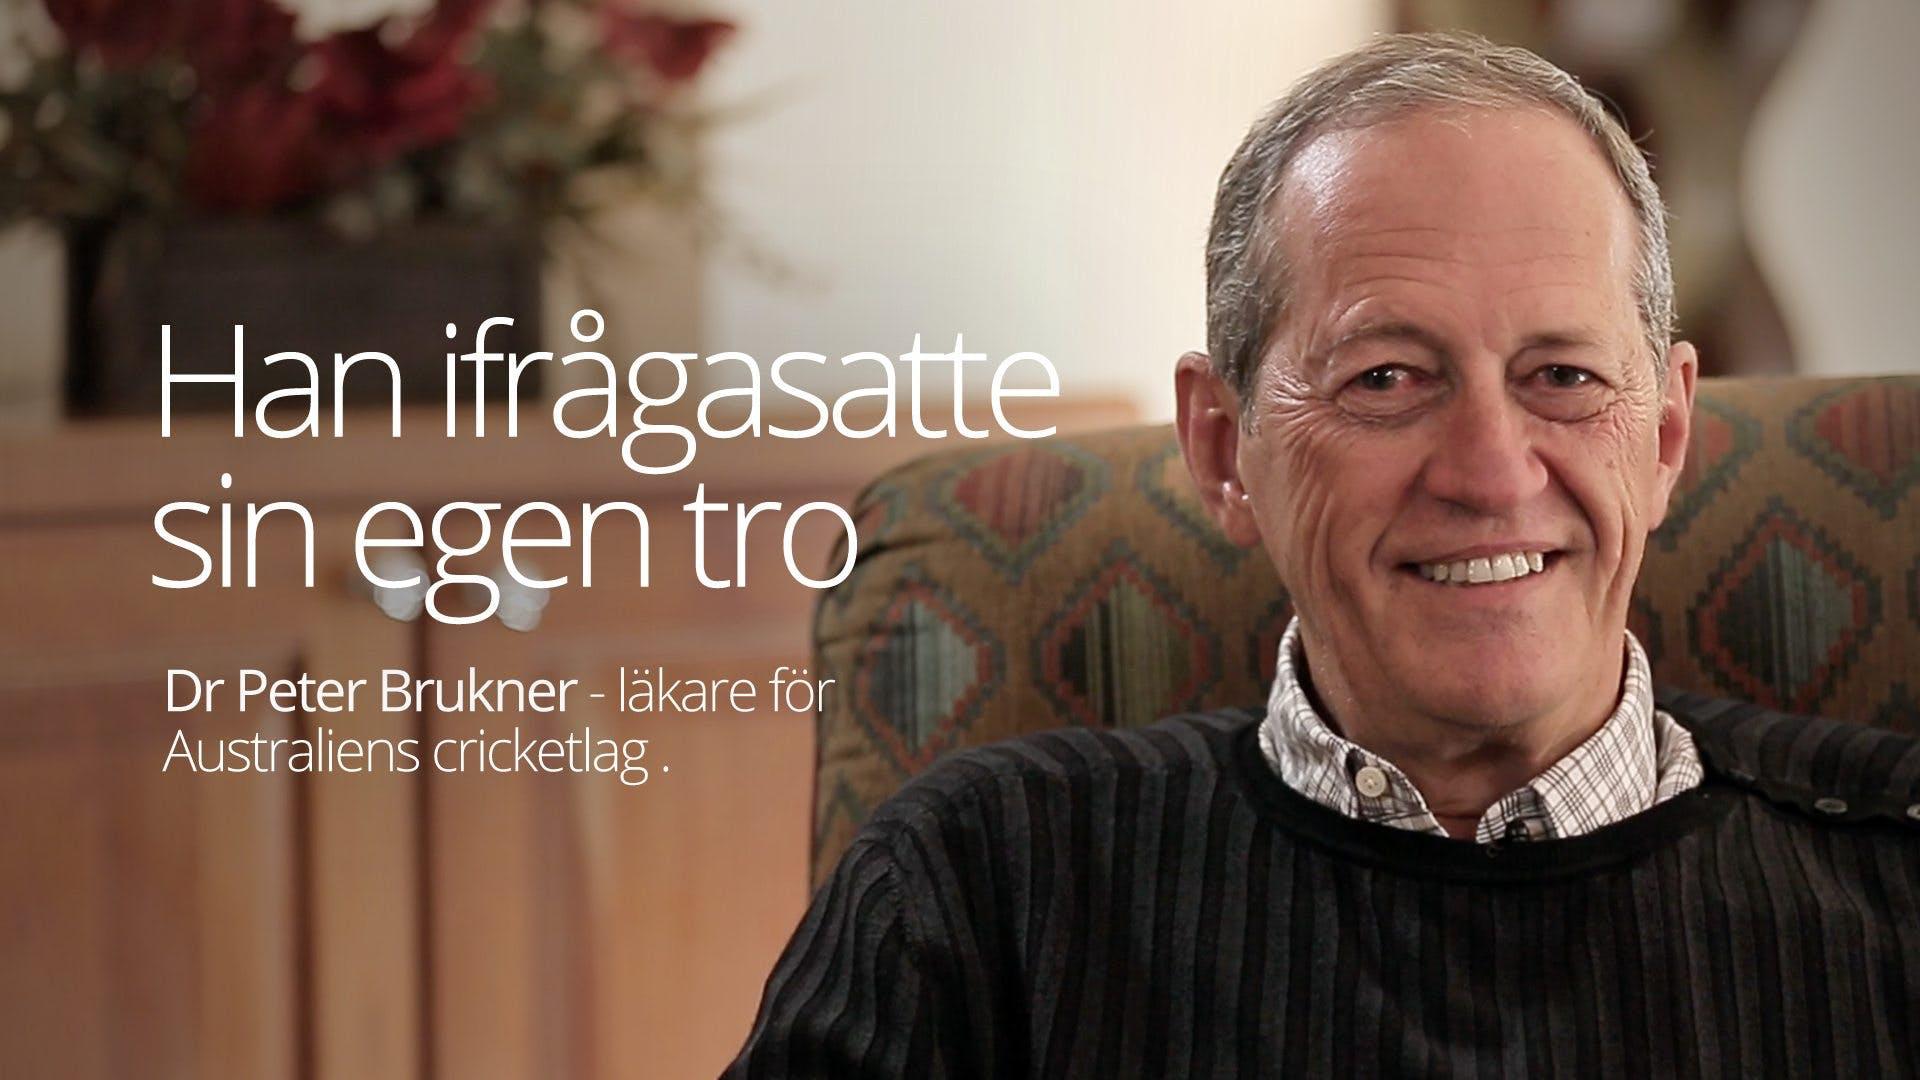 Dr. Peter Brukner - han ifrågasatte sin egen tro (Vail 2016)